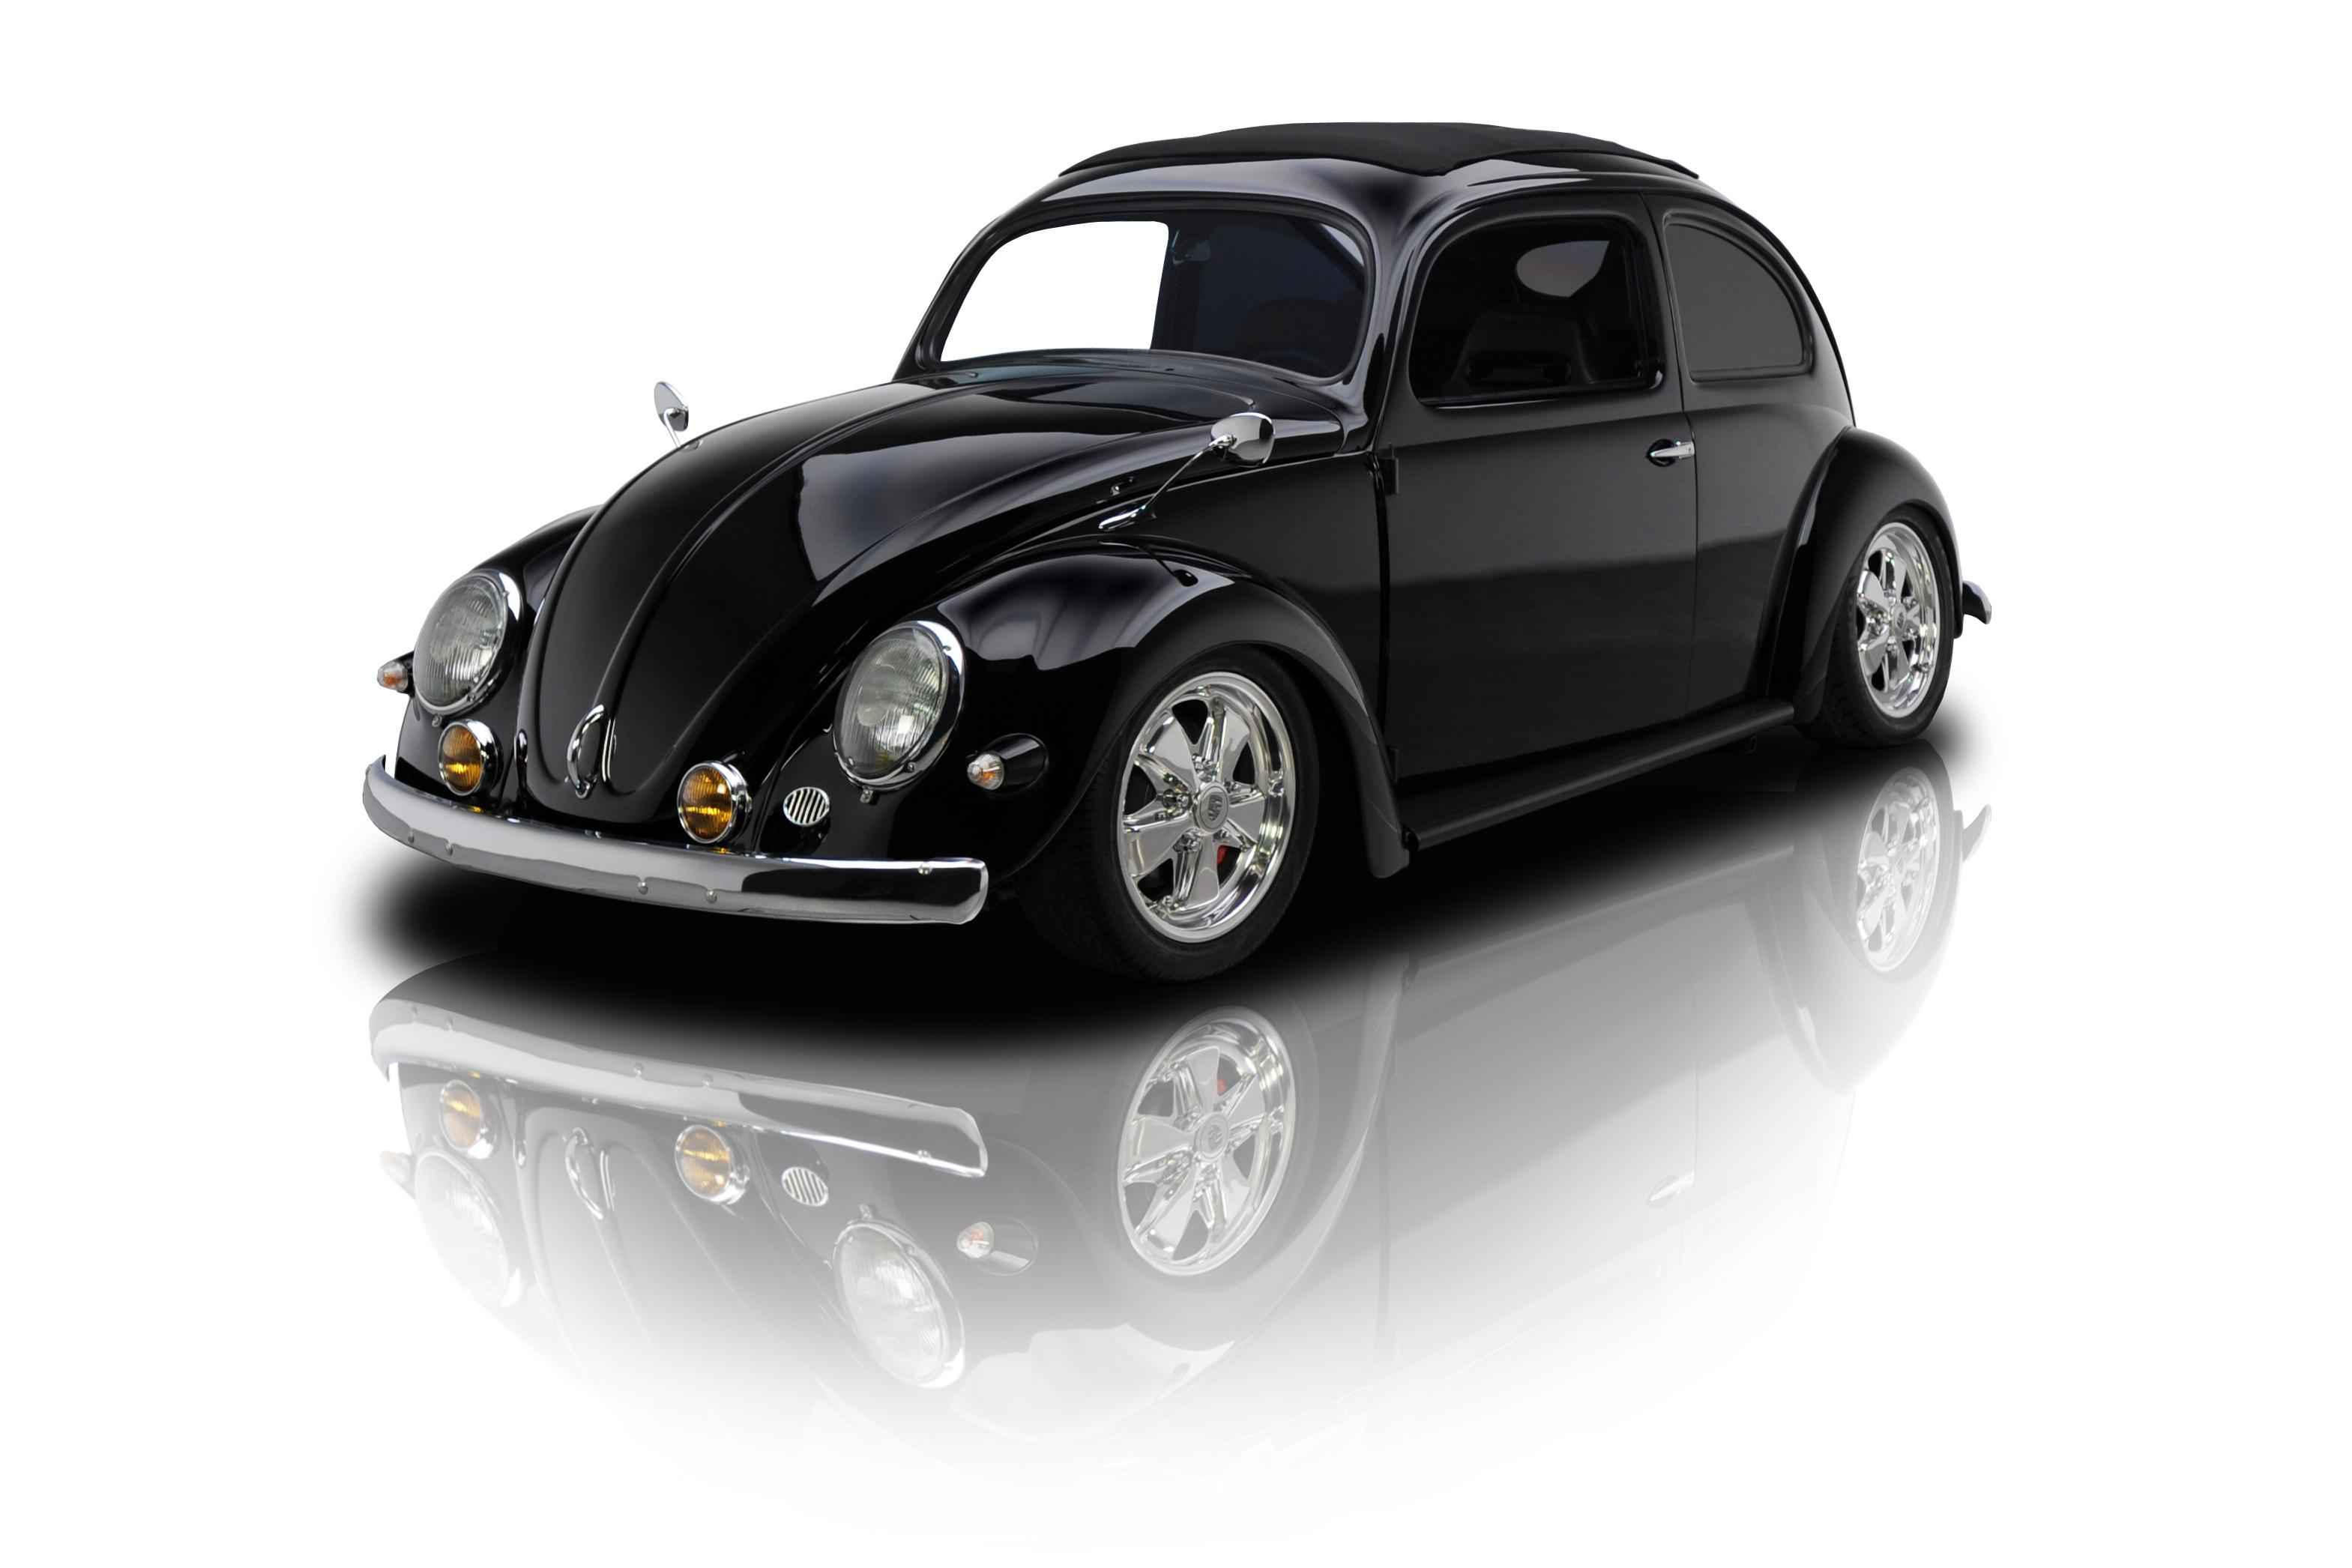 133364 1957 Volkswagen Type 1 Beetle Rk Motors